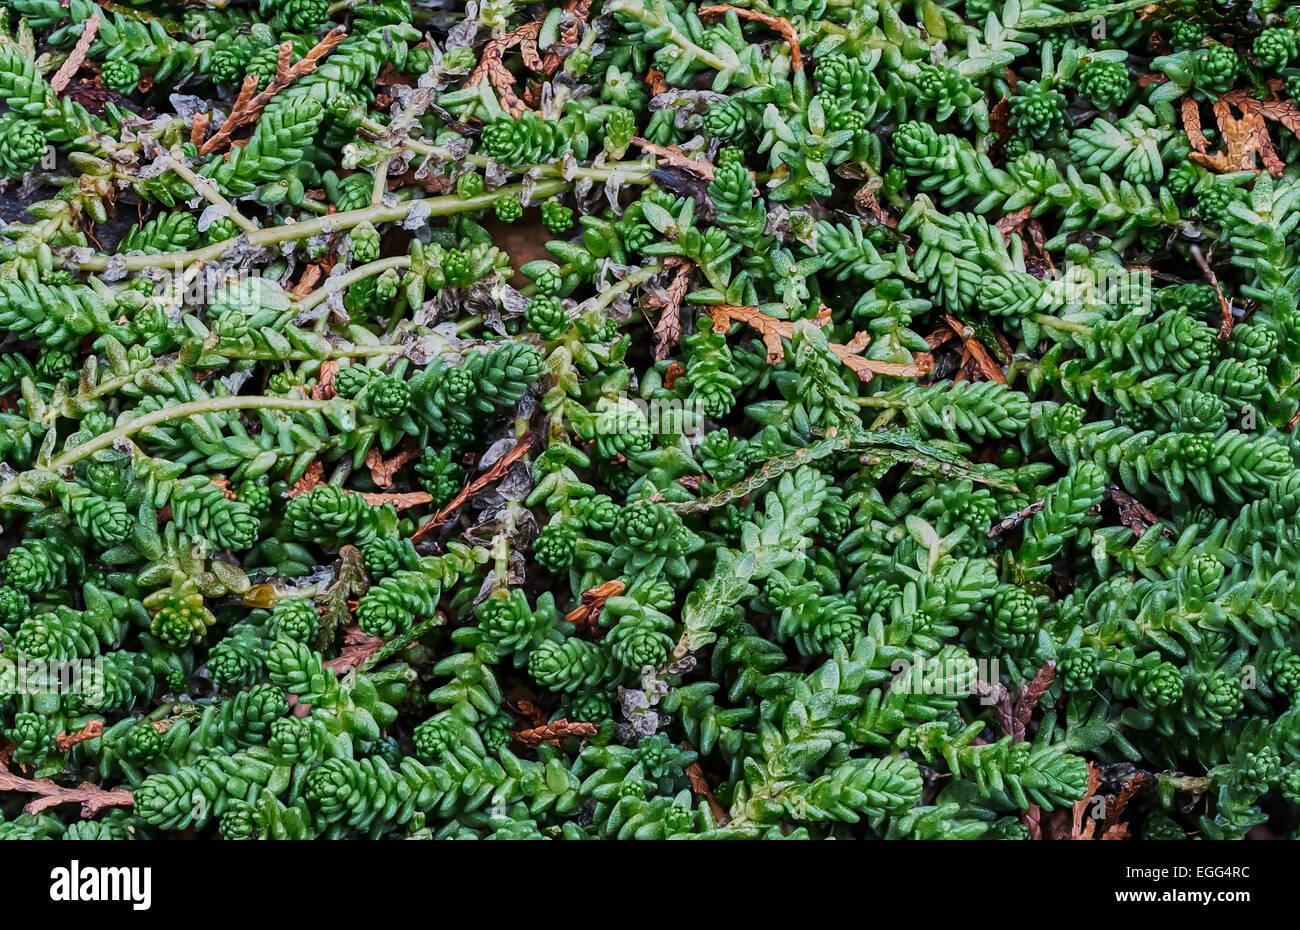 Ziergräser Im Garten Bilder nahaufnahme der immergrüne ziergräser im garten stockfoto bild